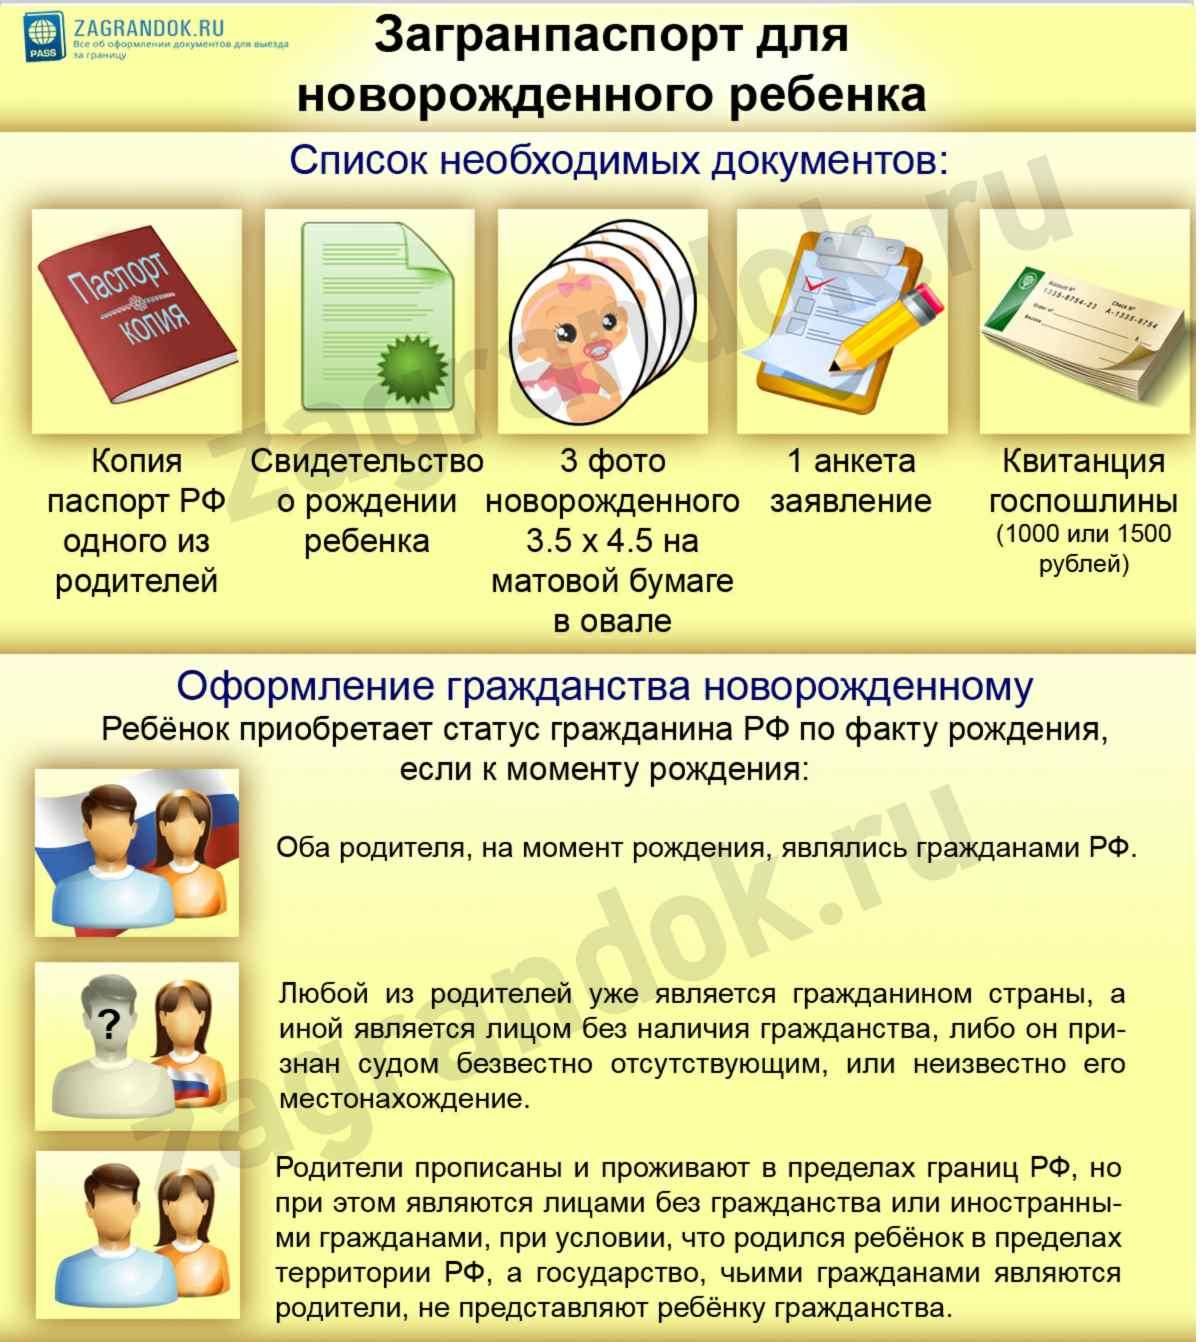 Перечень документов для новорожденного ребенка (+советы)